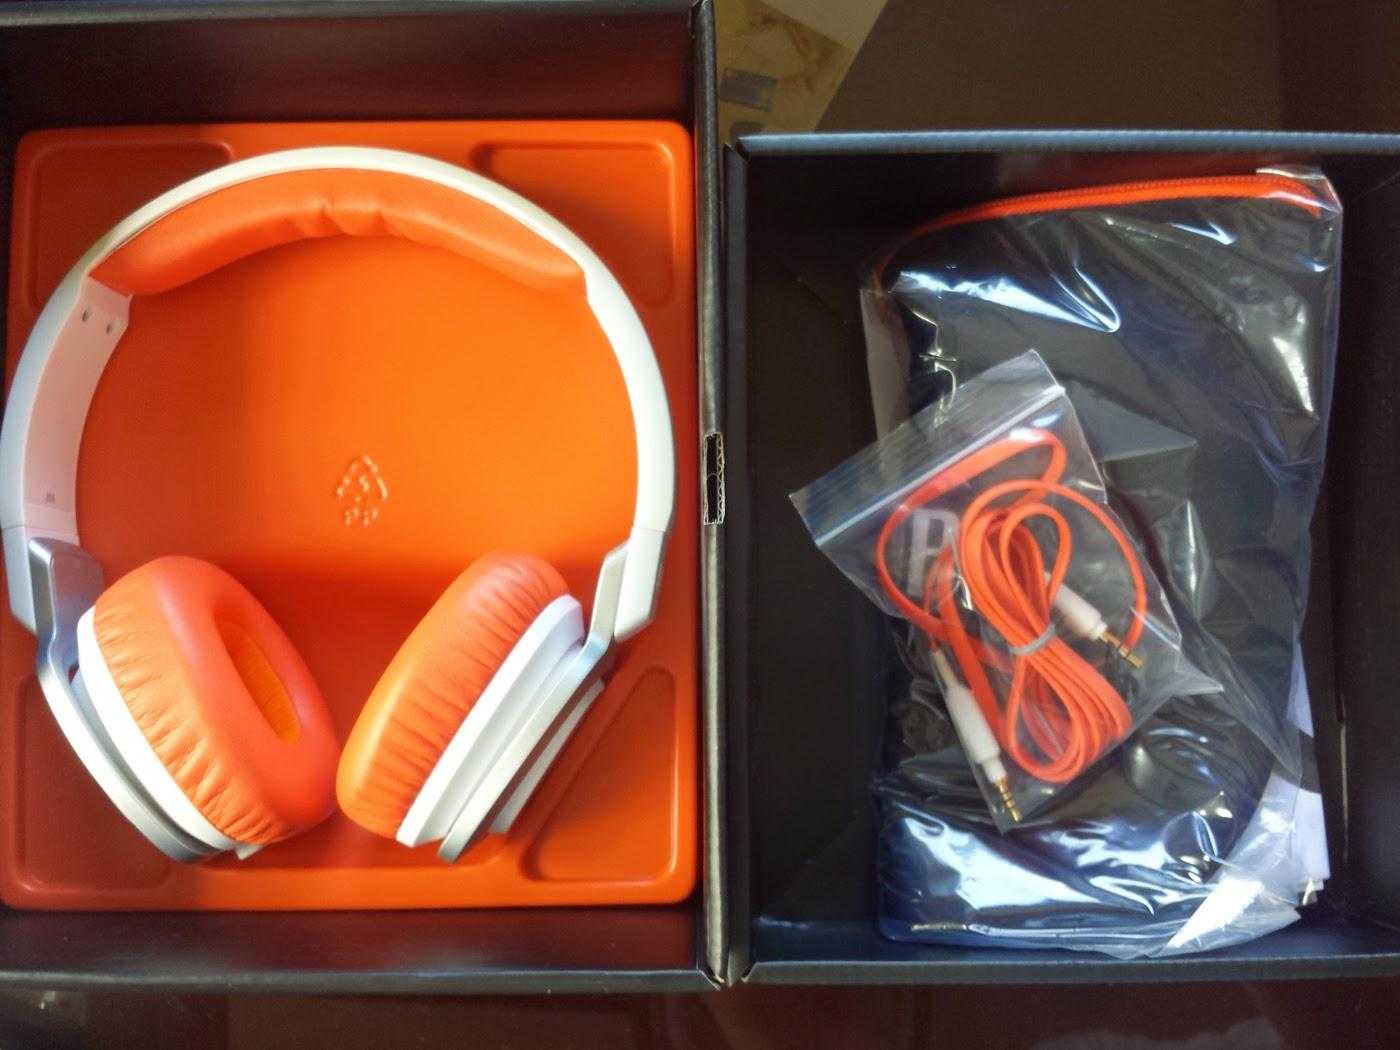 FS: 99% new JBL J55 headset